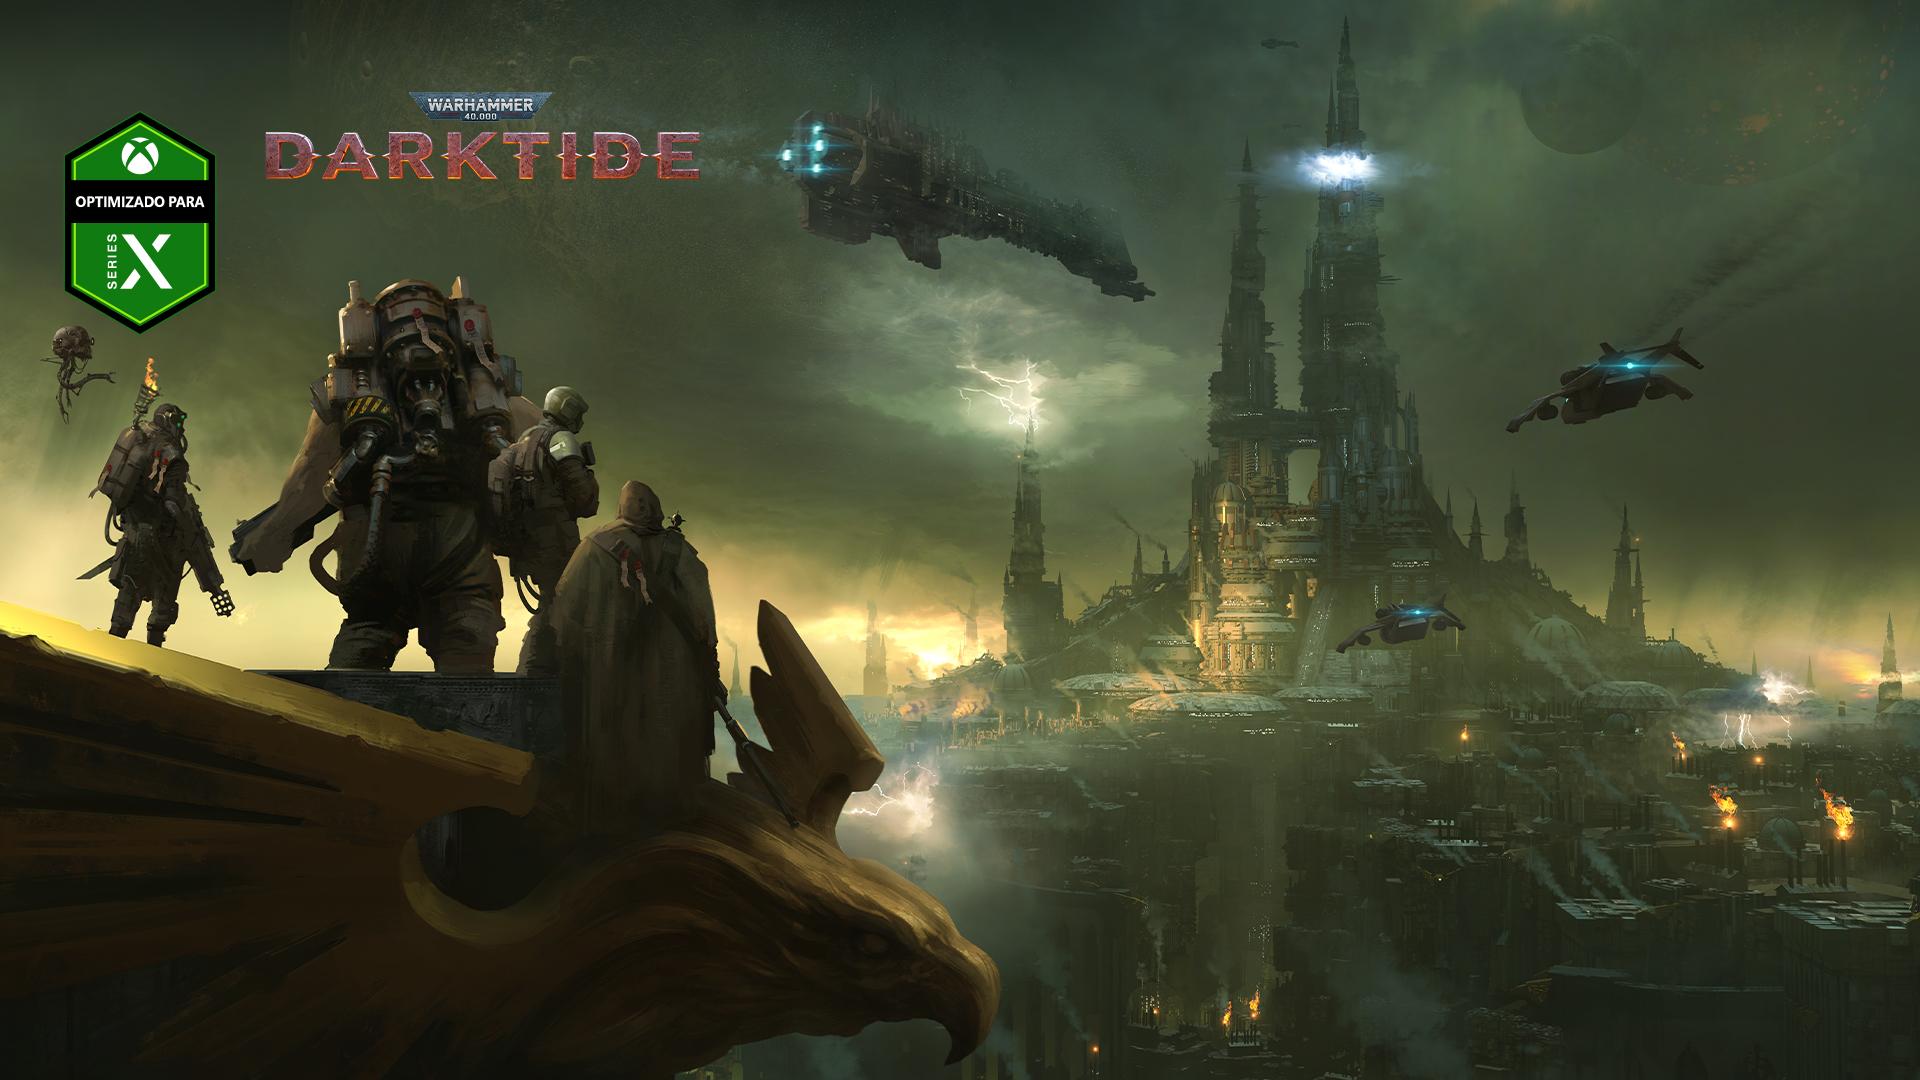 Optimizado para Series X, Warhammer 40,000 Darktide, un grupo de personajes contempla una ciudad envuelta en niebla desde las alturas.